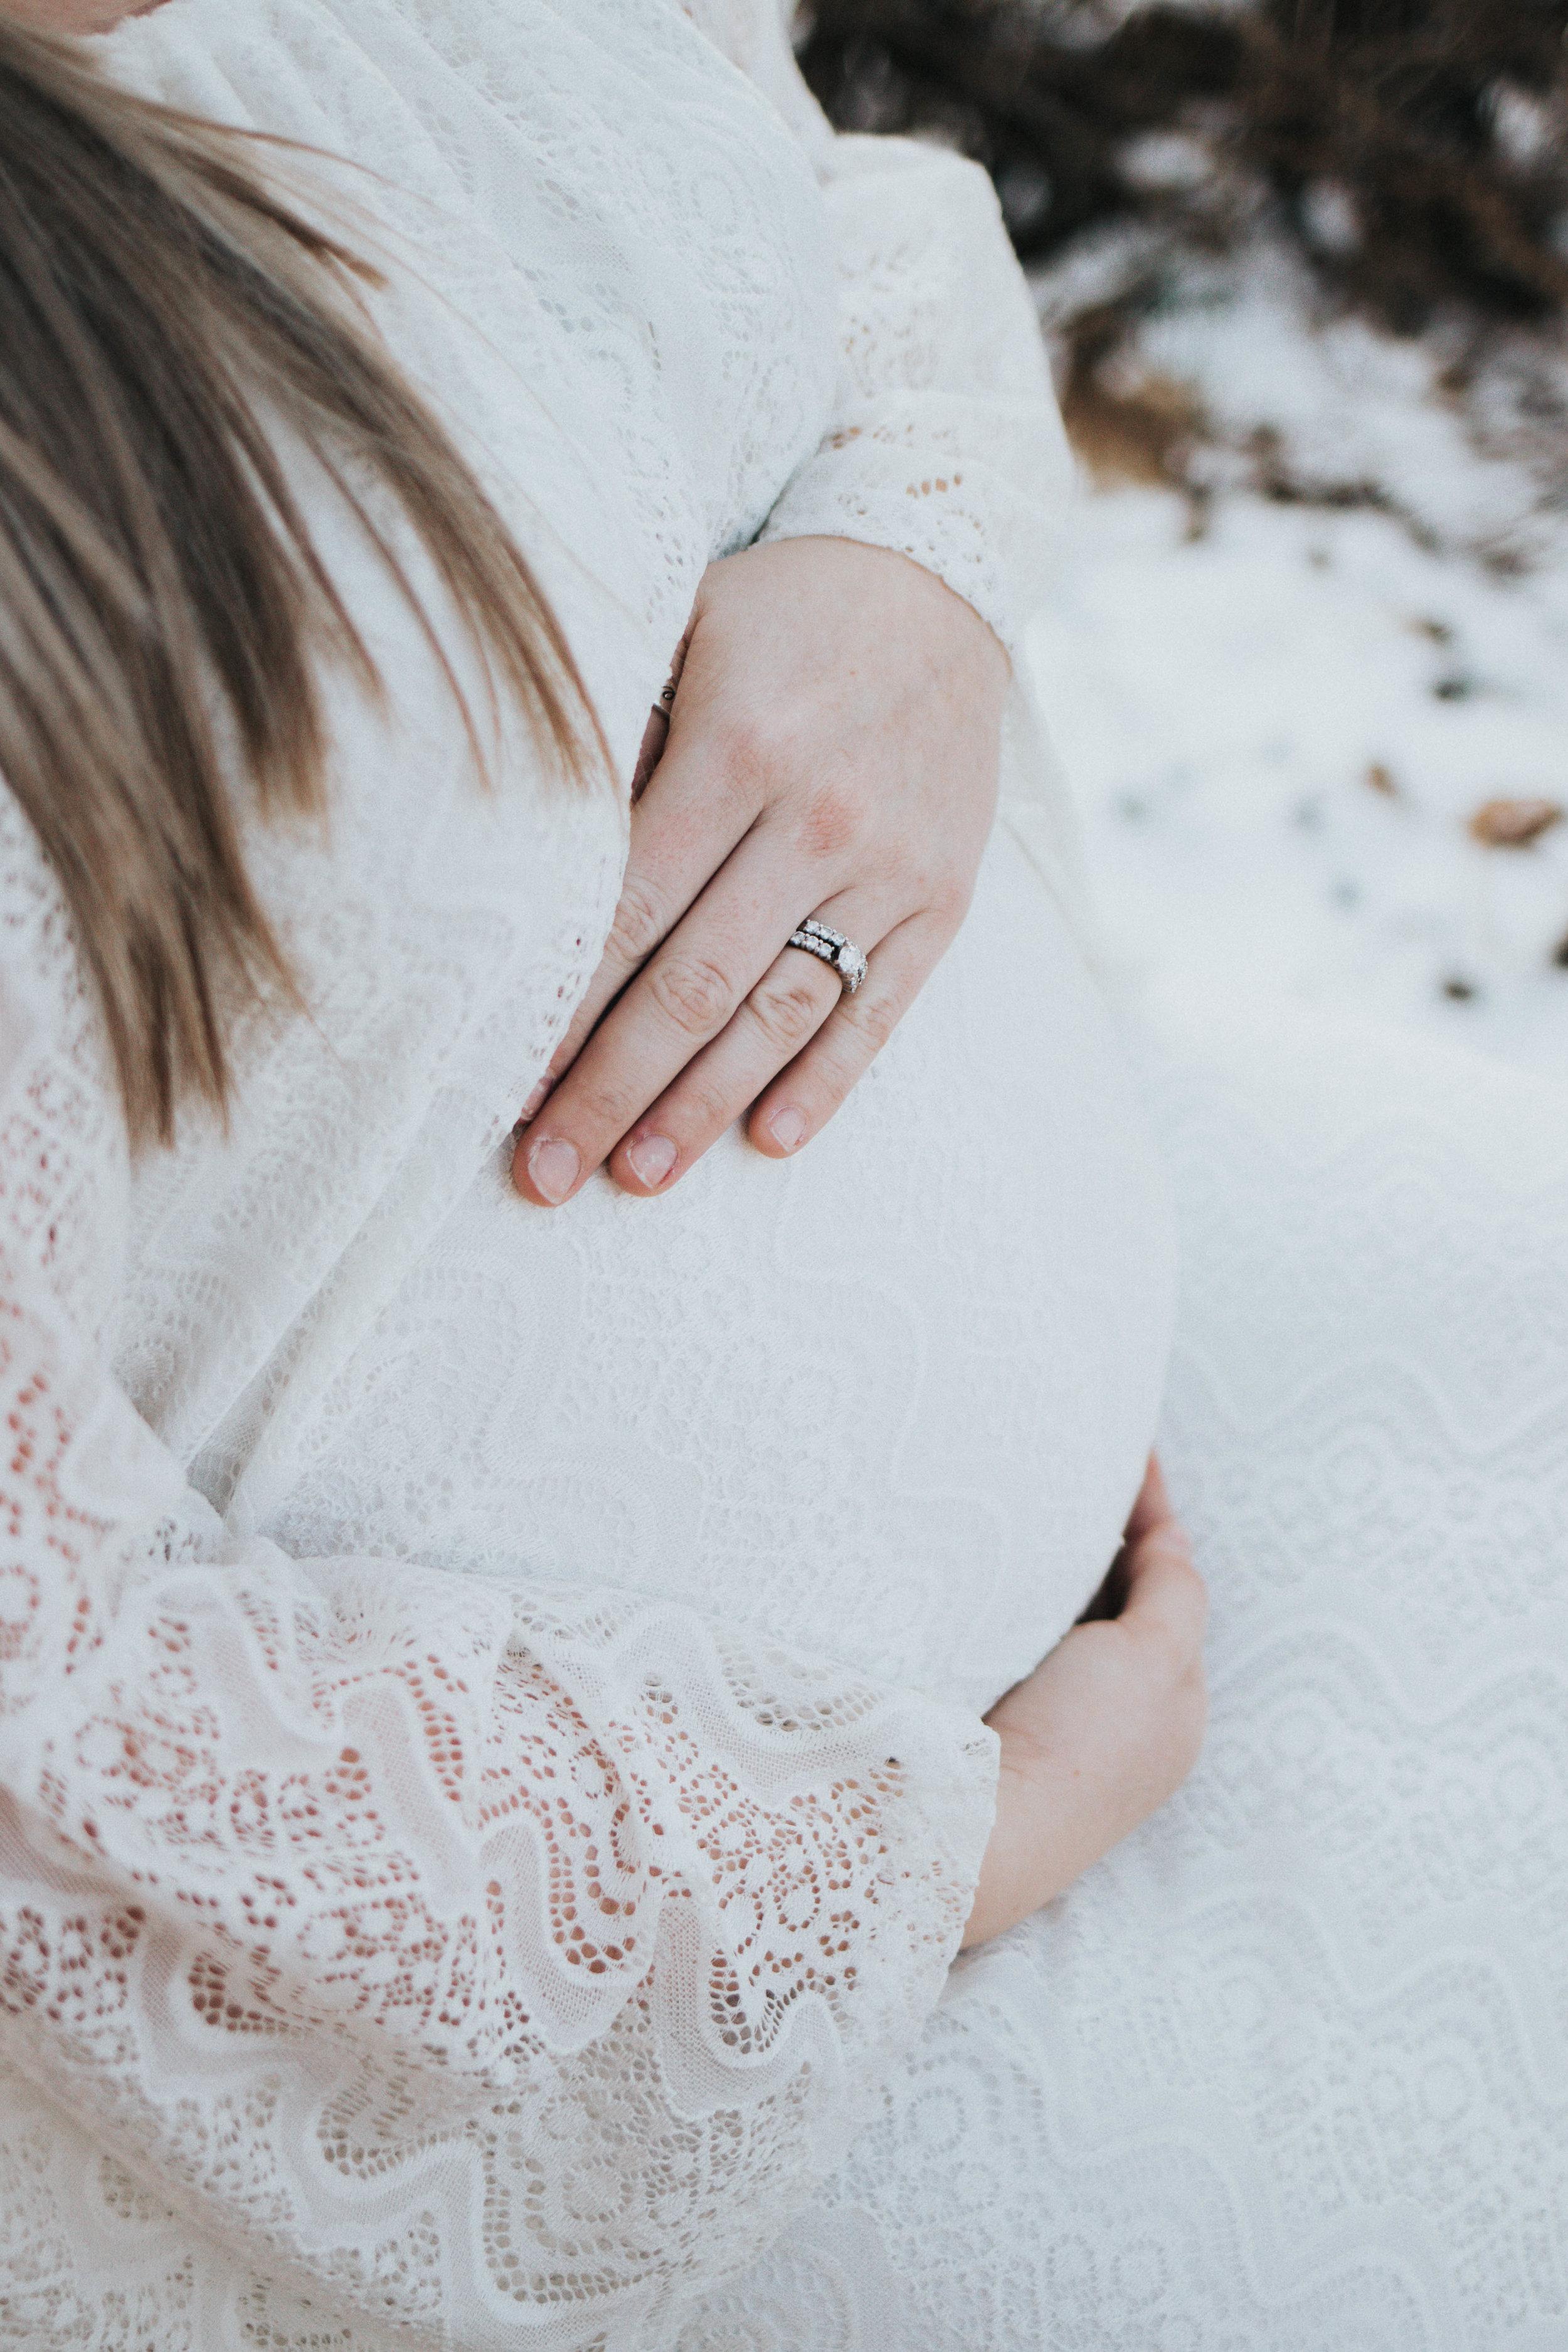 Noyola_Maternity-209-2.jpg